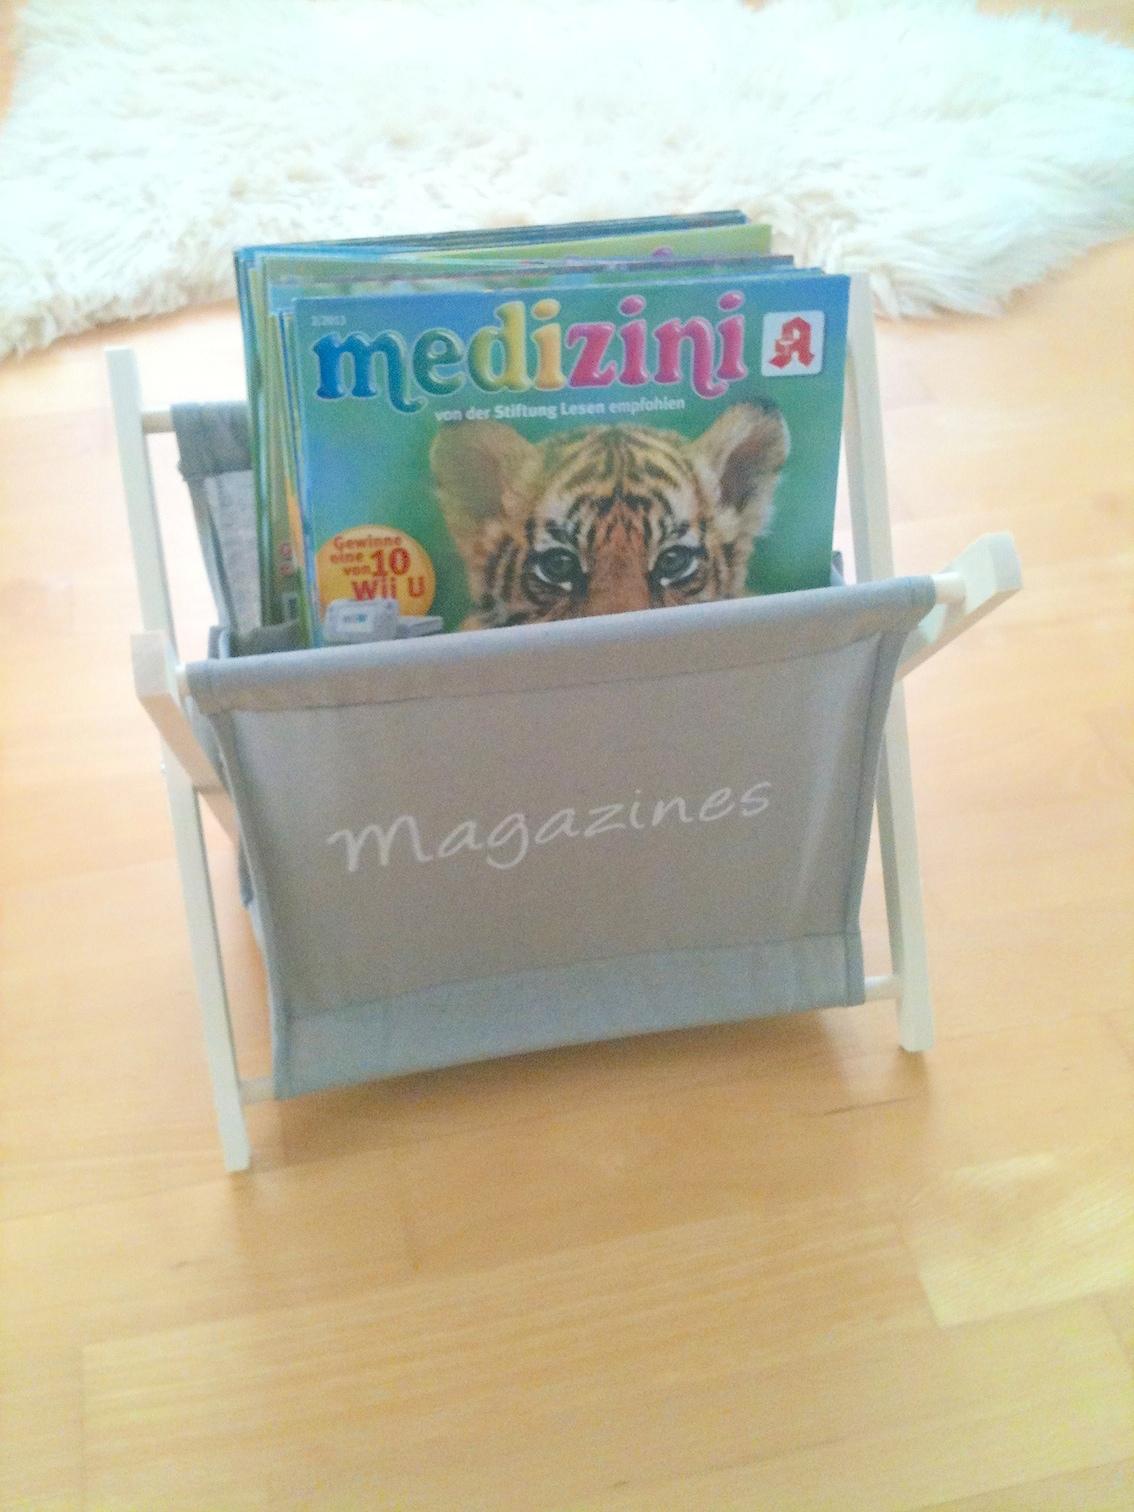 Zeitschriften für die Leseecke